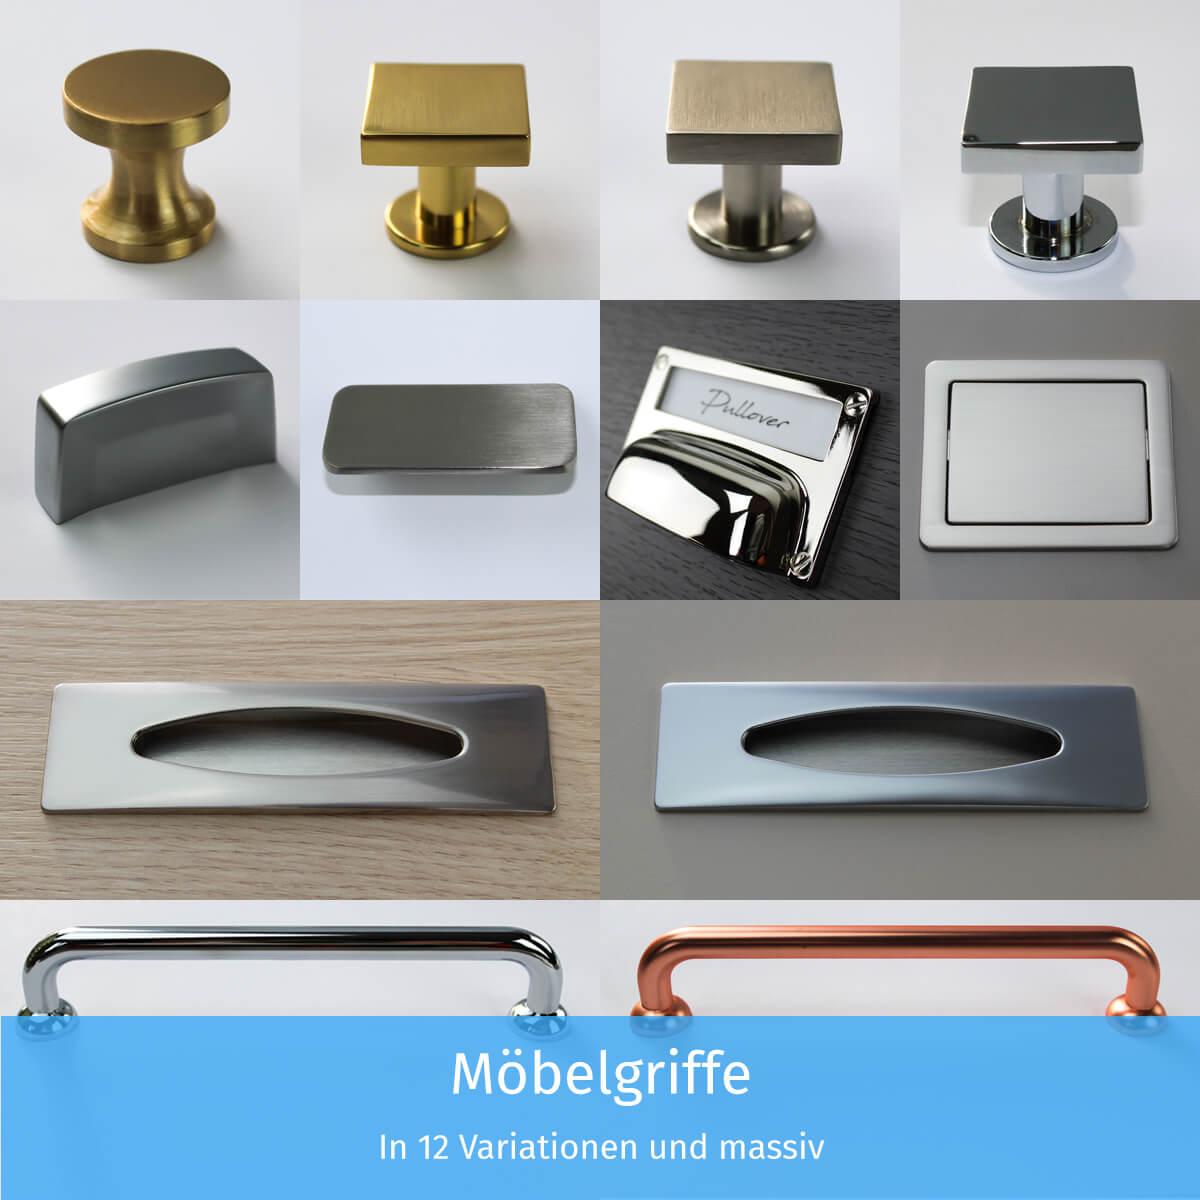 Möbelgriffe – 12 Variationen